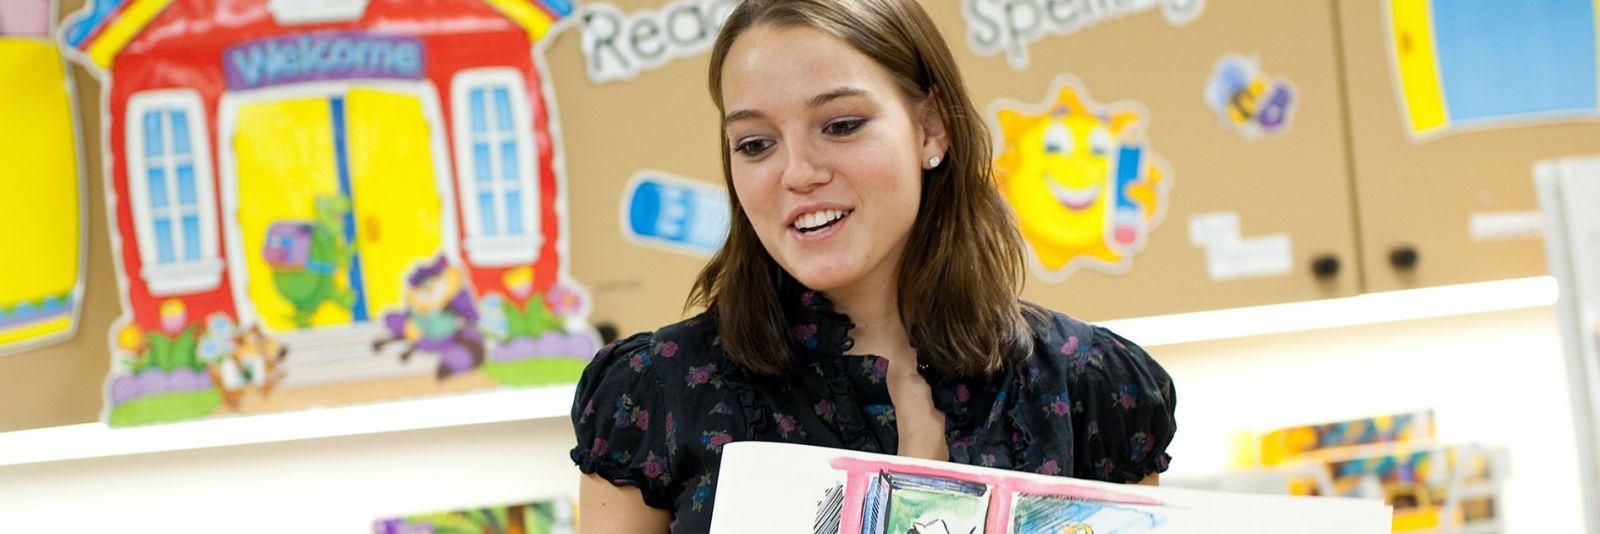 Teacher reading a book to a class